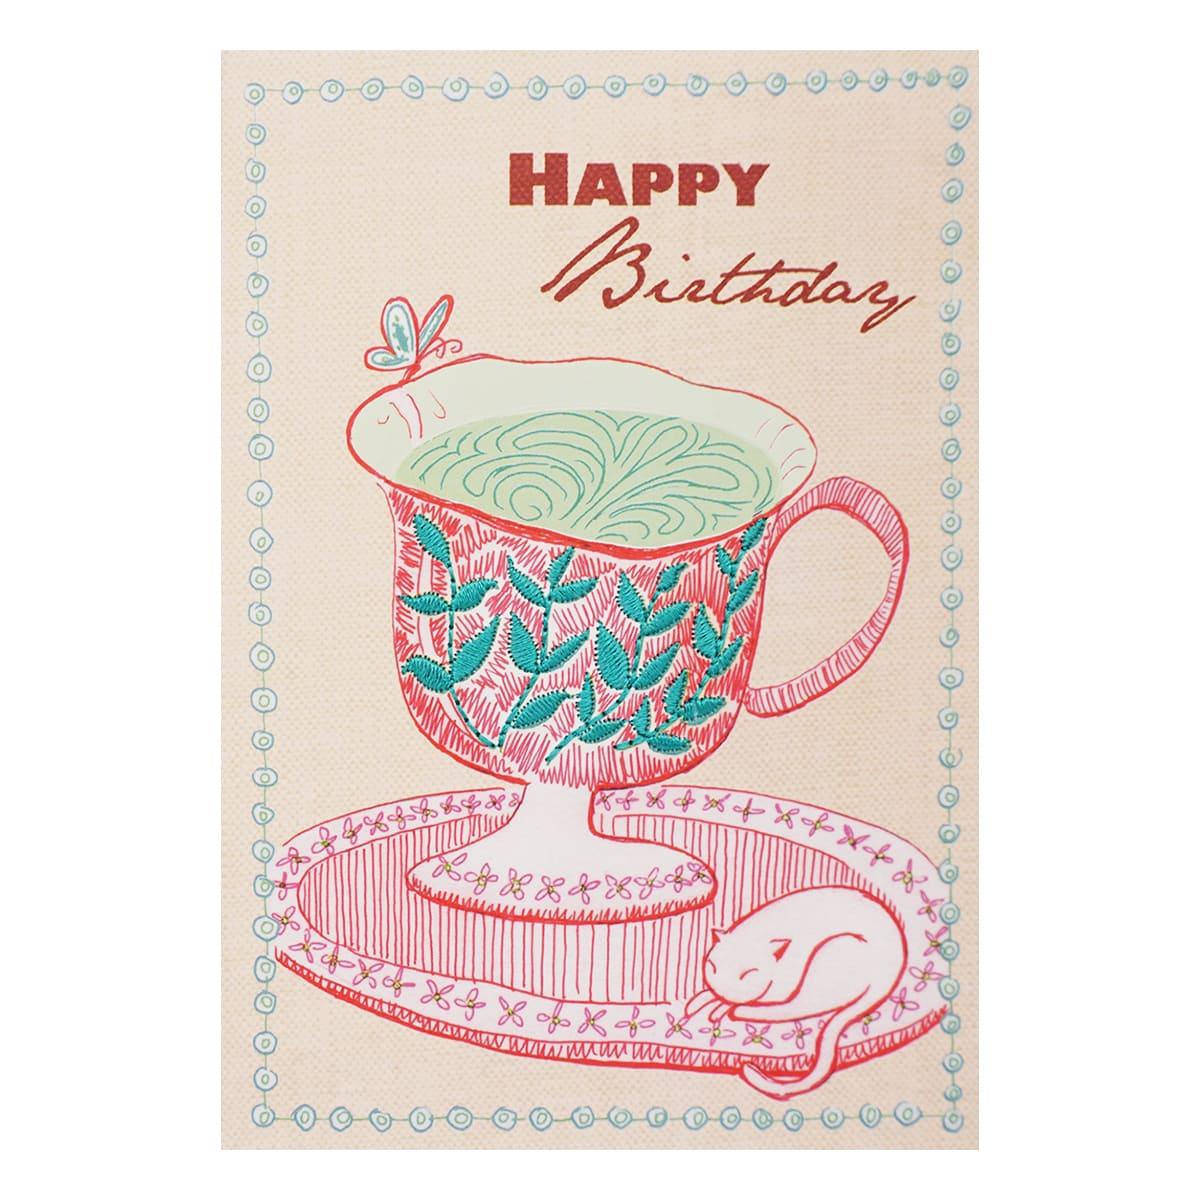 MWA02 Поздравительная открытка с вышивкой 'Happy Birthday', 12*17 см.(конверт в комплекте)